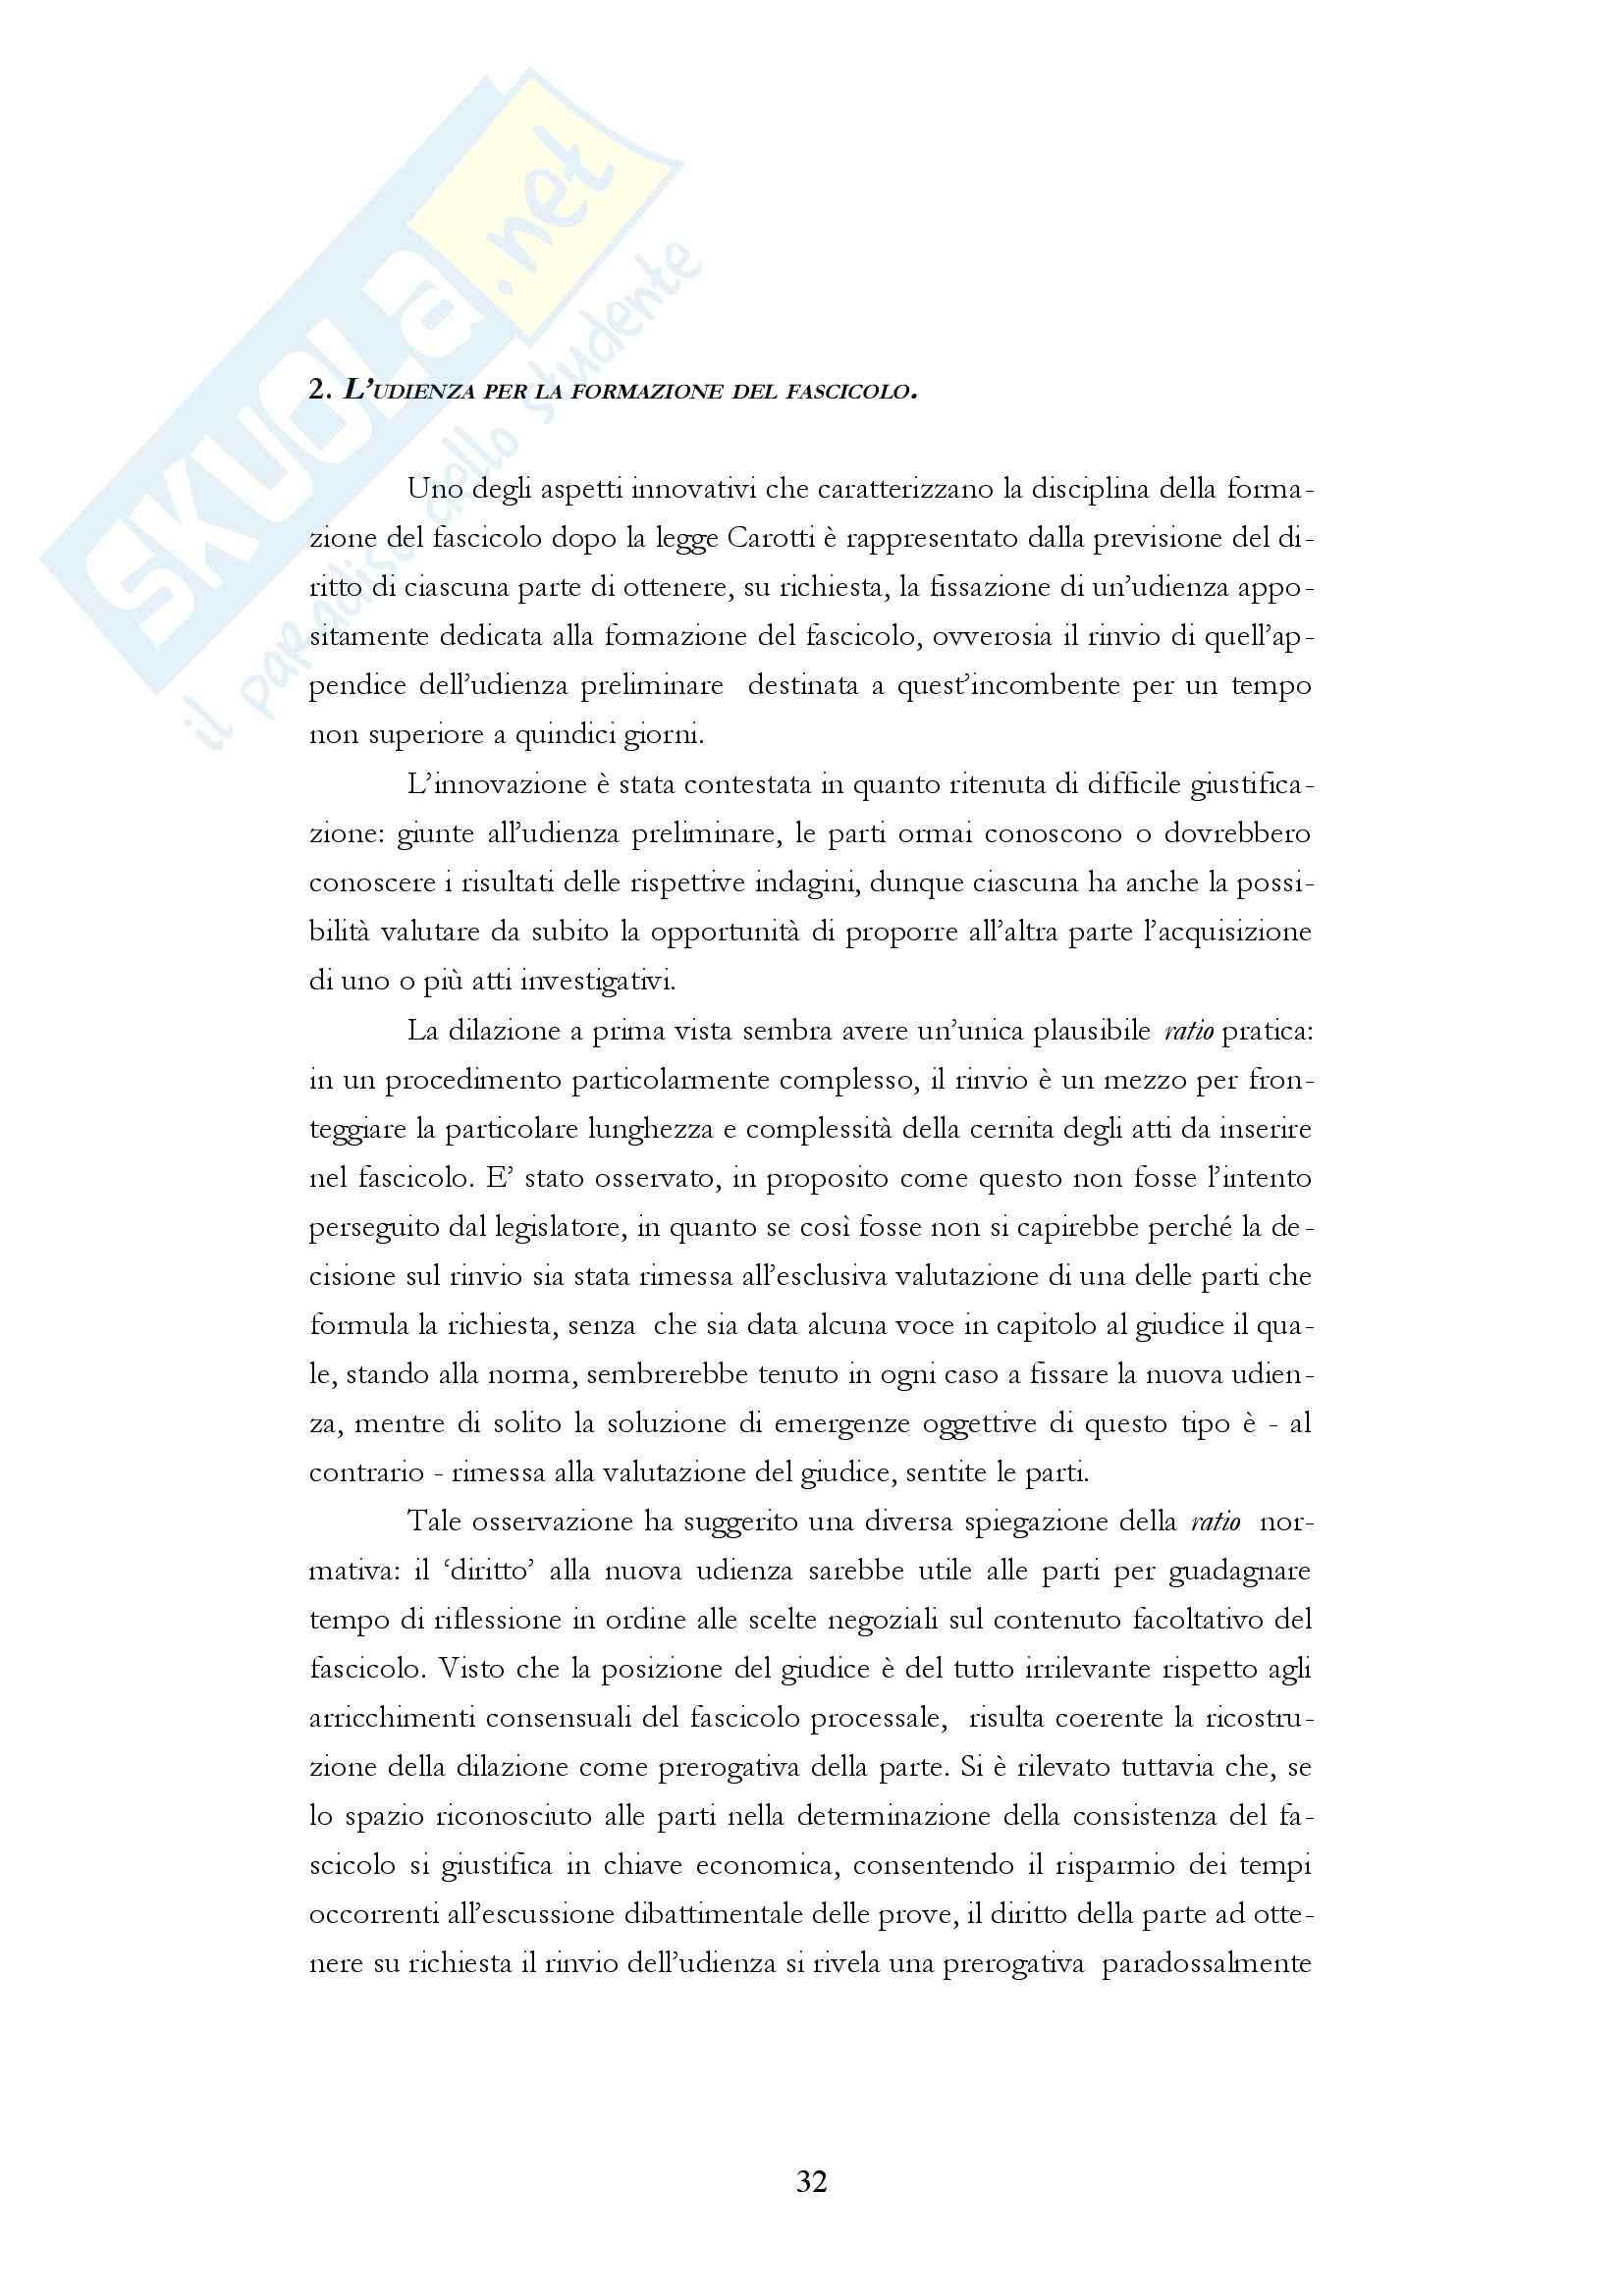 Diritto processuale penale - i fascicoli del processo penale Pag. 31